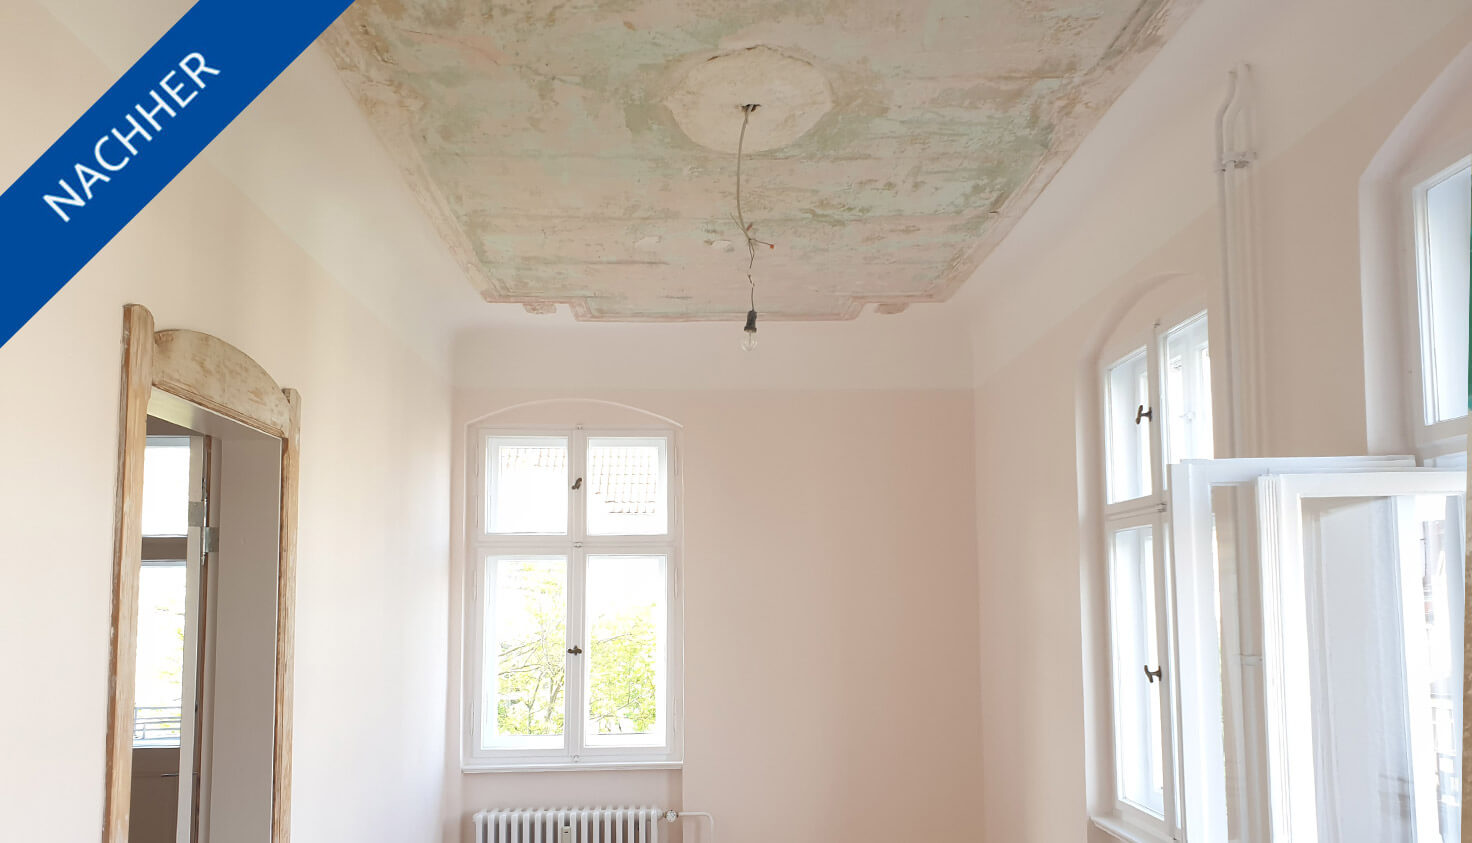 Restauriertes Zimmer in steglitzer Altbauwohnung